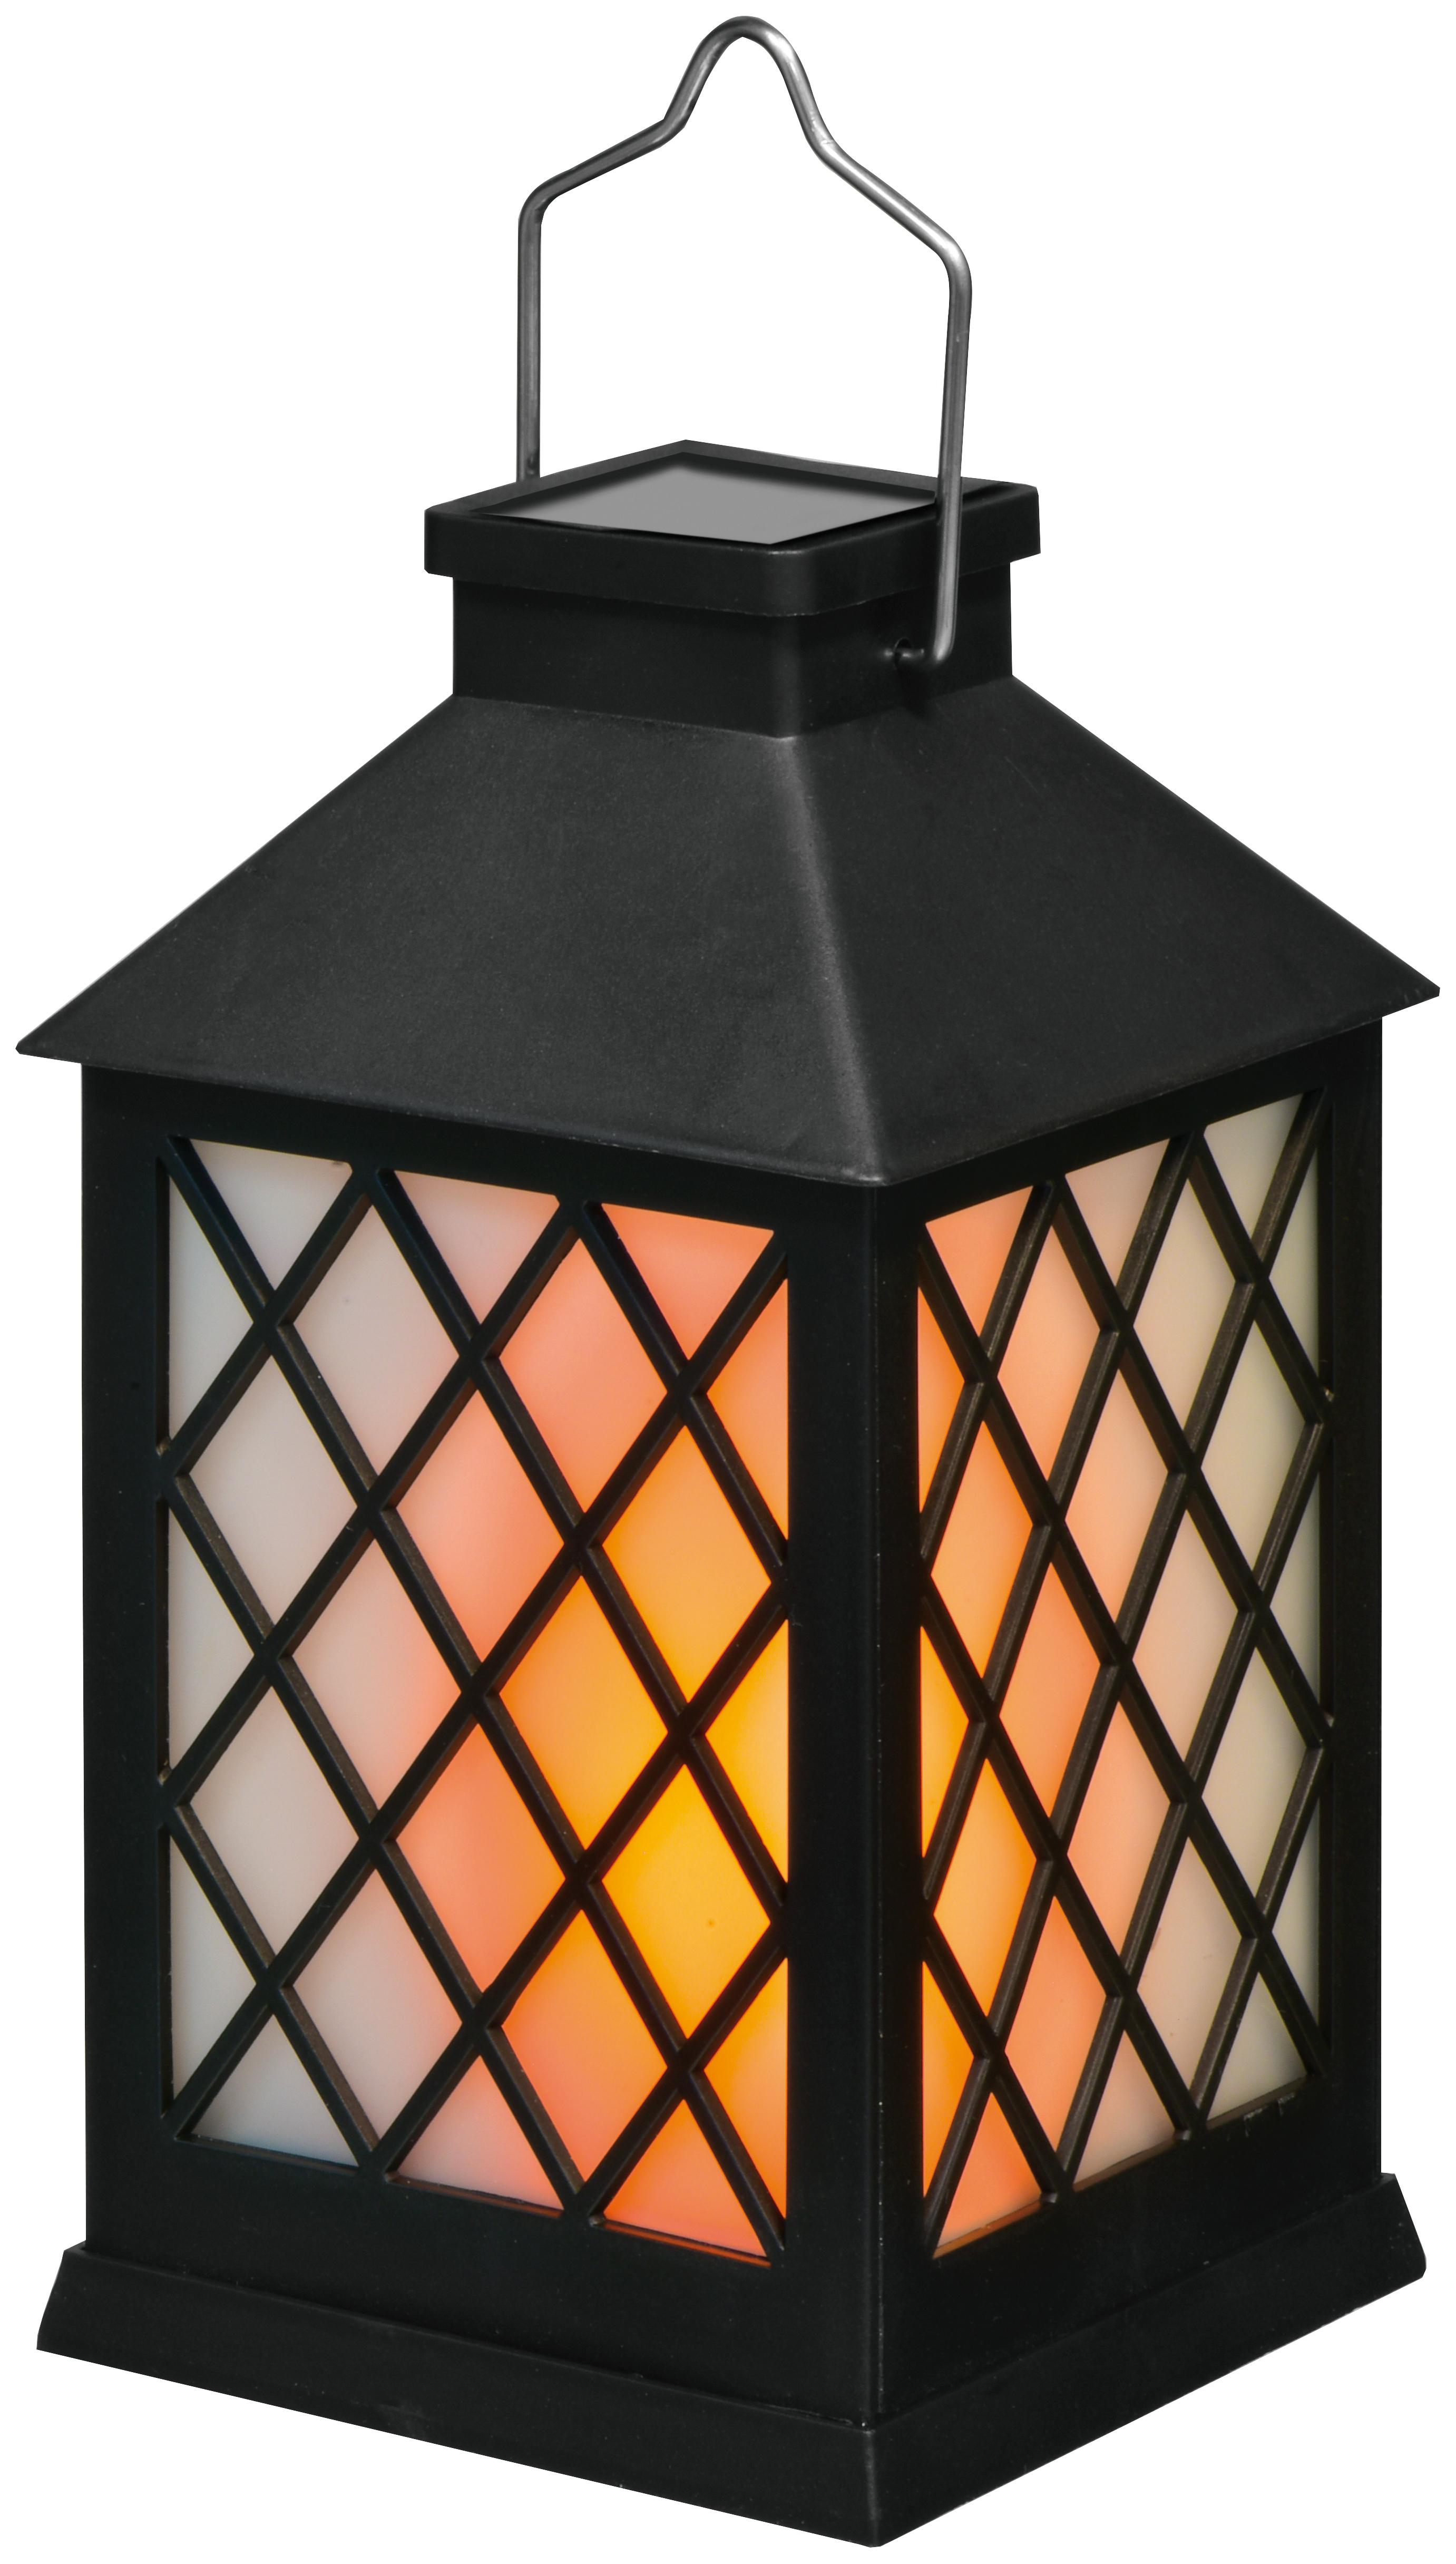 Lampion solarny LED Activejet AJE-IRIS